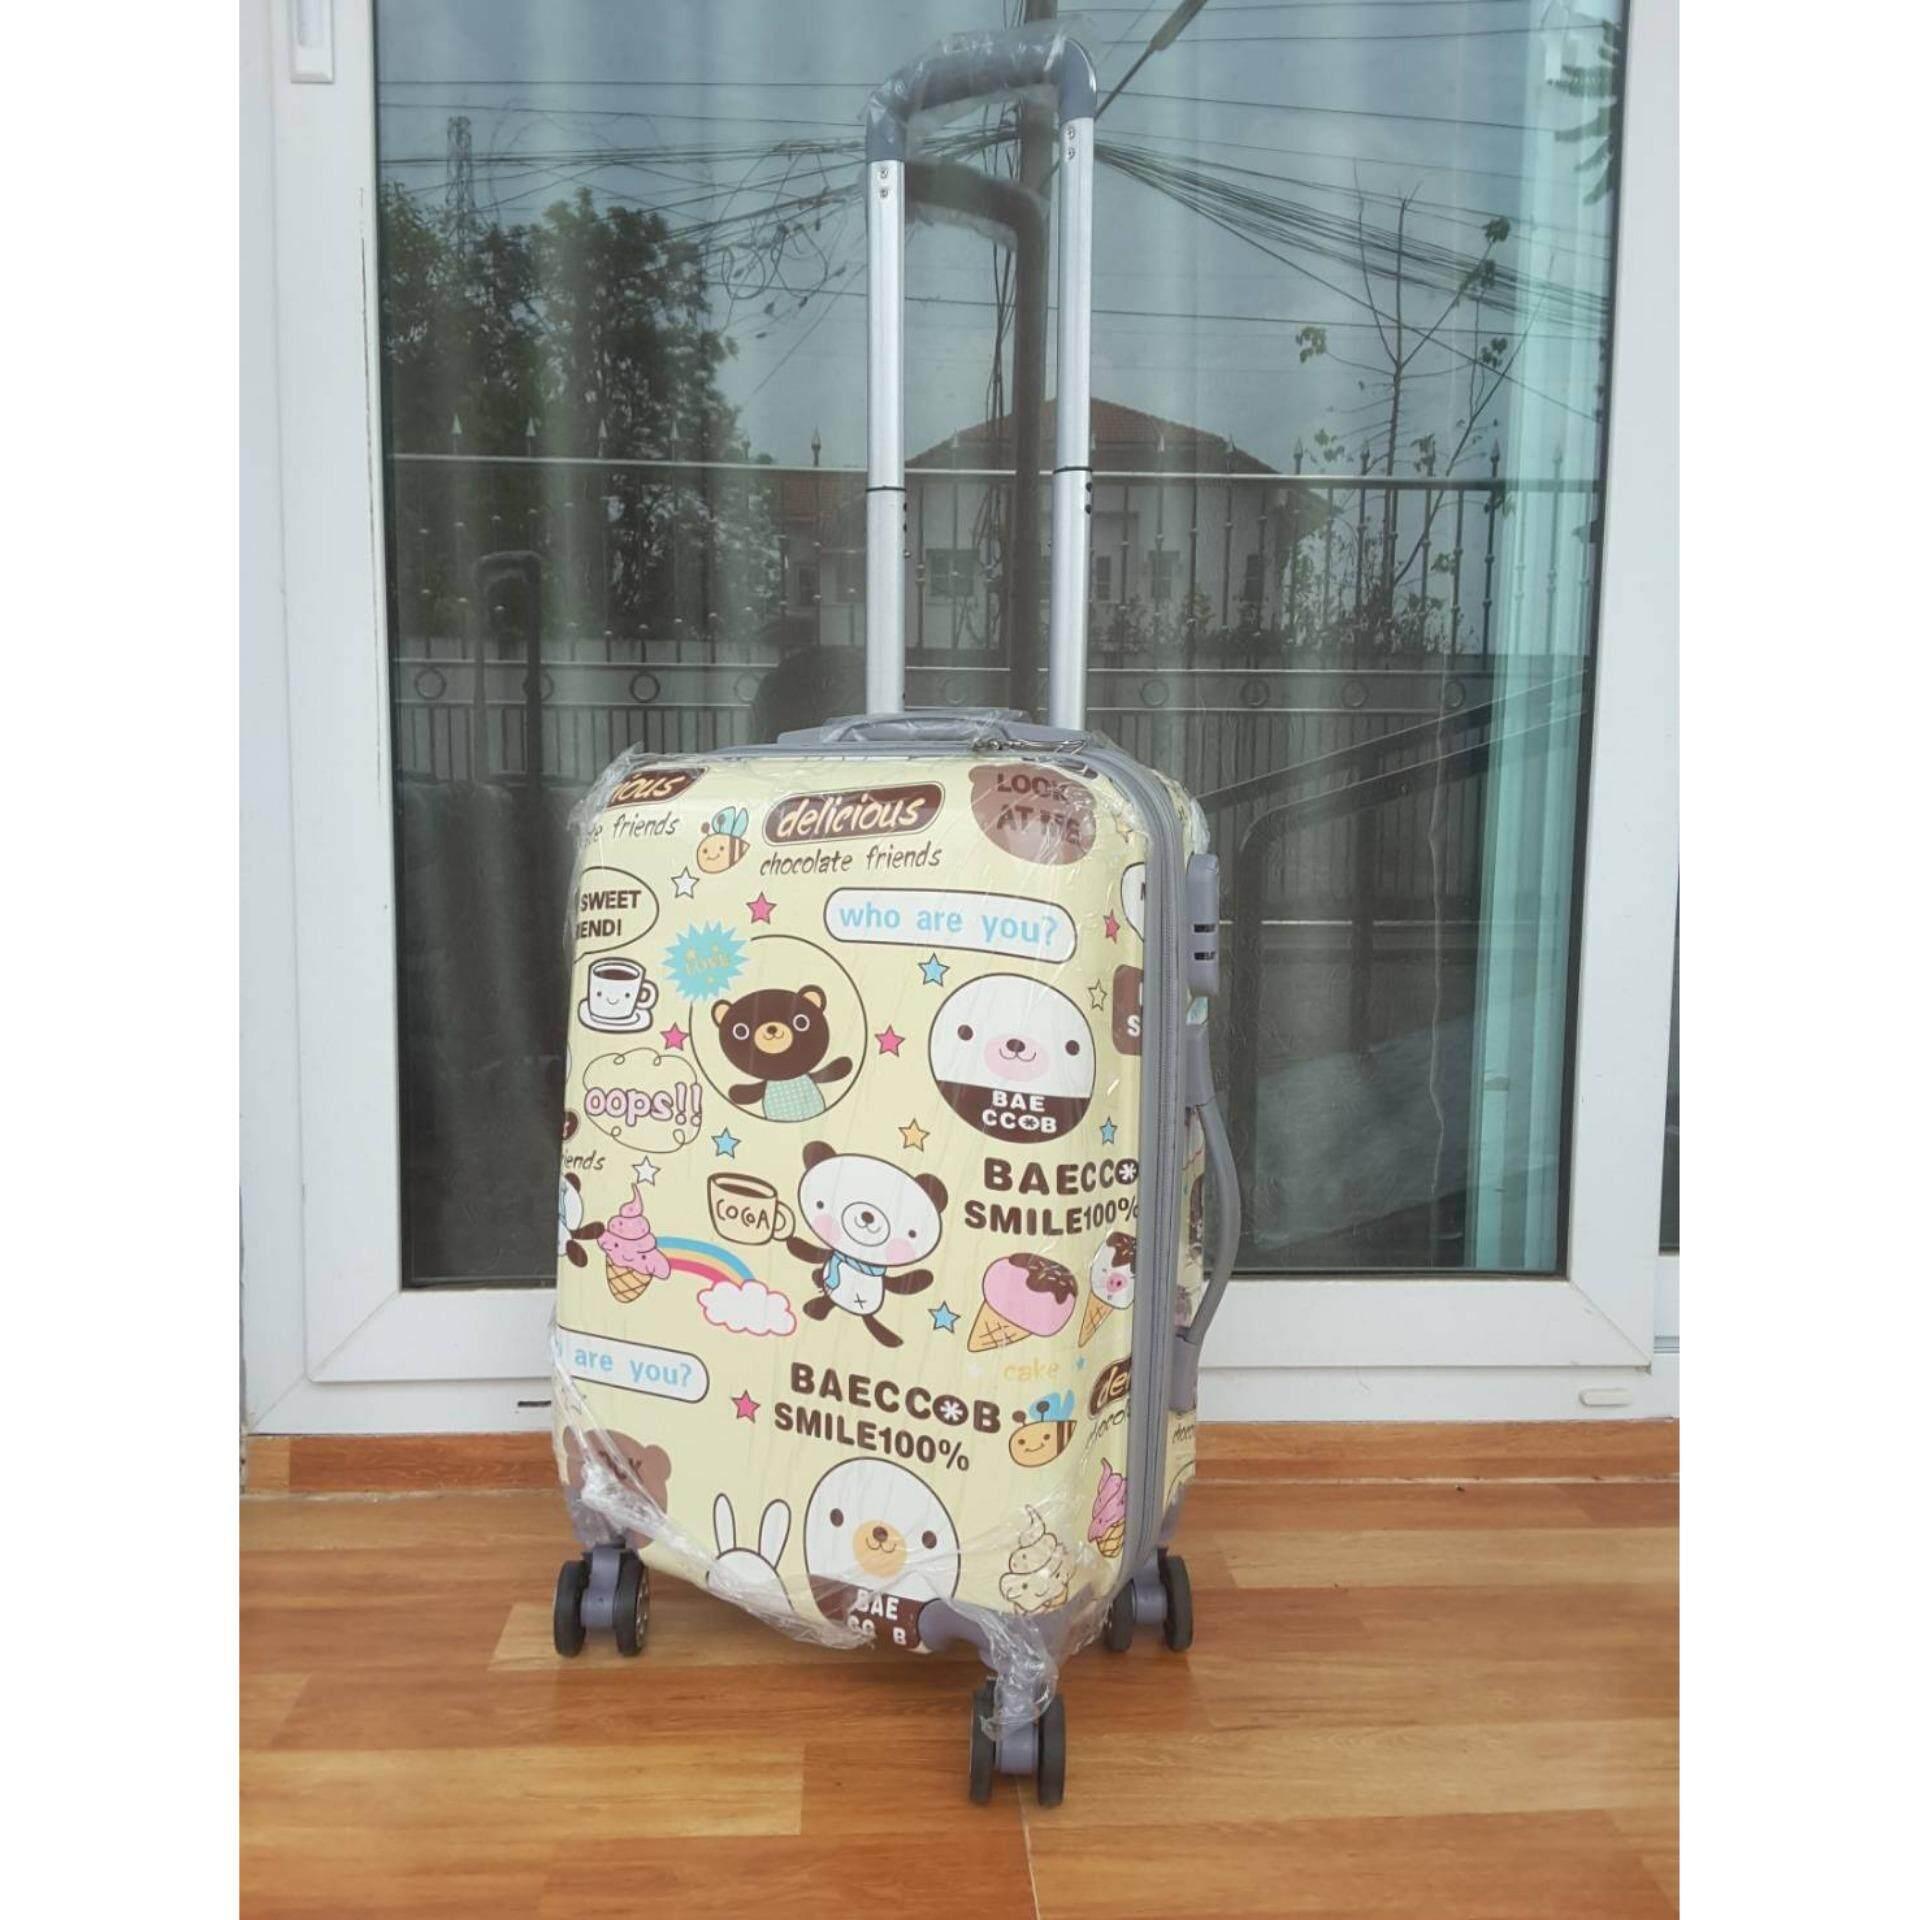 ขาย Tonkoon Shop กระเป๋าเดินทางล้อลาก ลาย การ์ตูนน้องหมีสีครีมน้ำตาล ขนาด 24 นิ้ว ออนไลน์ กรุงเทพมหานคร